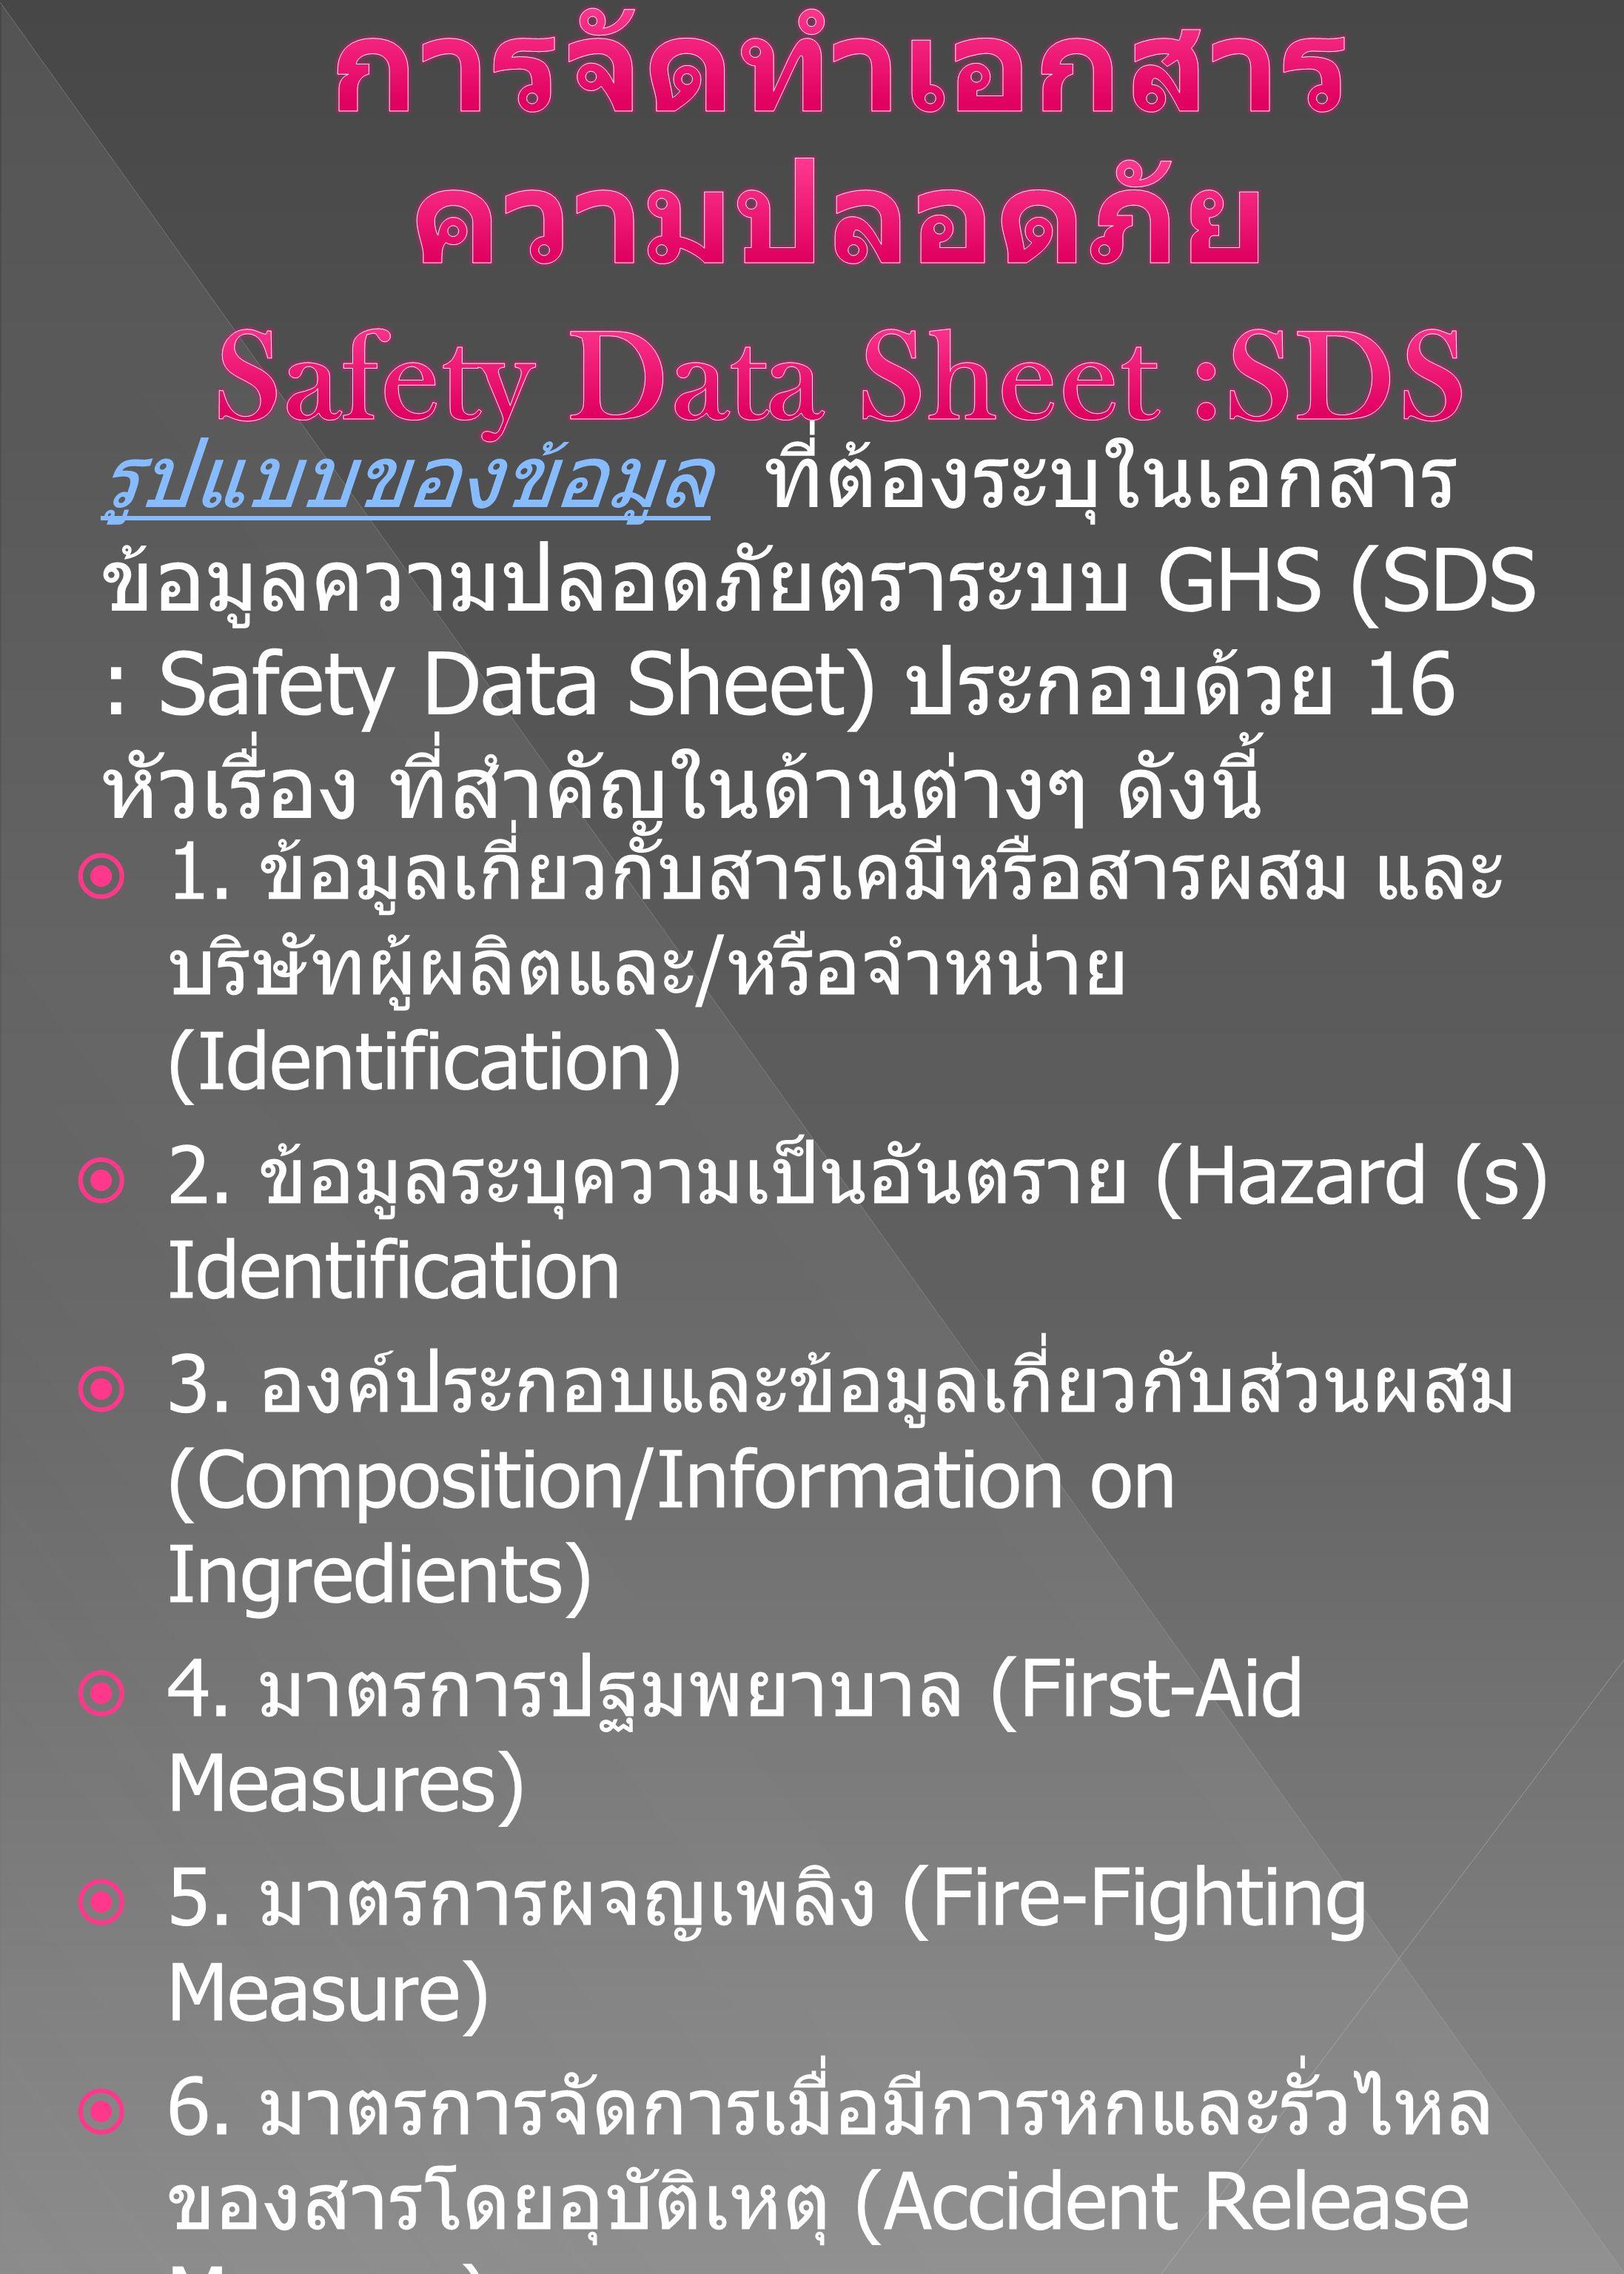  9.คุณสมบัติทางกายภาพและทาง เคมี (Physical and Chemical Properties)  10.